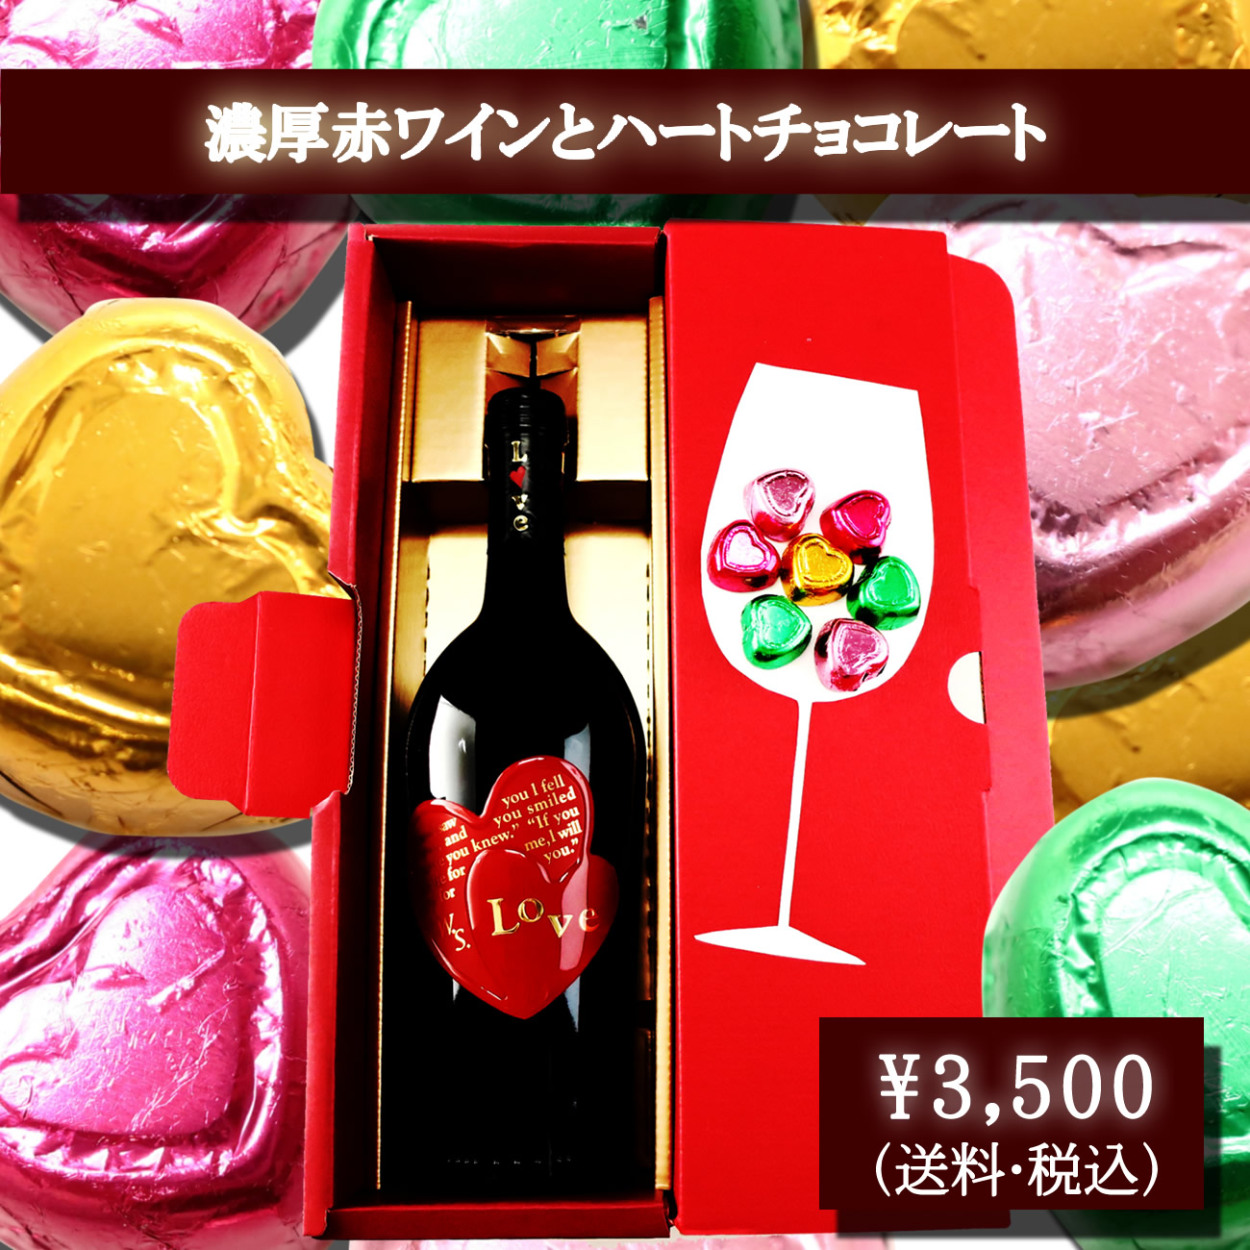 濃厚赤ワインとハートチョコレートのセット